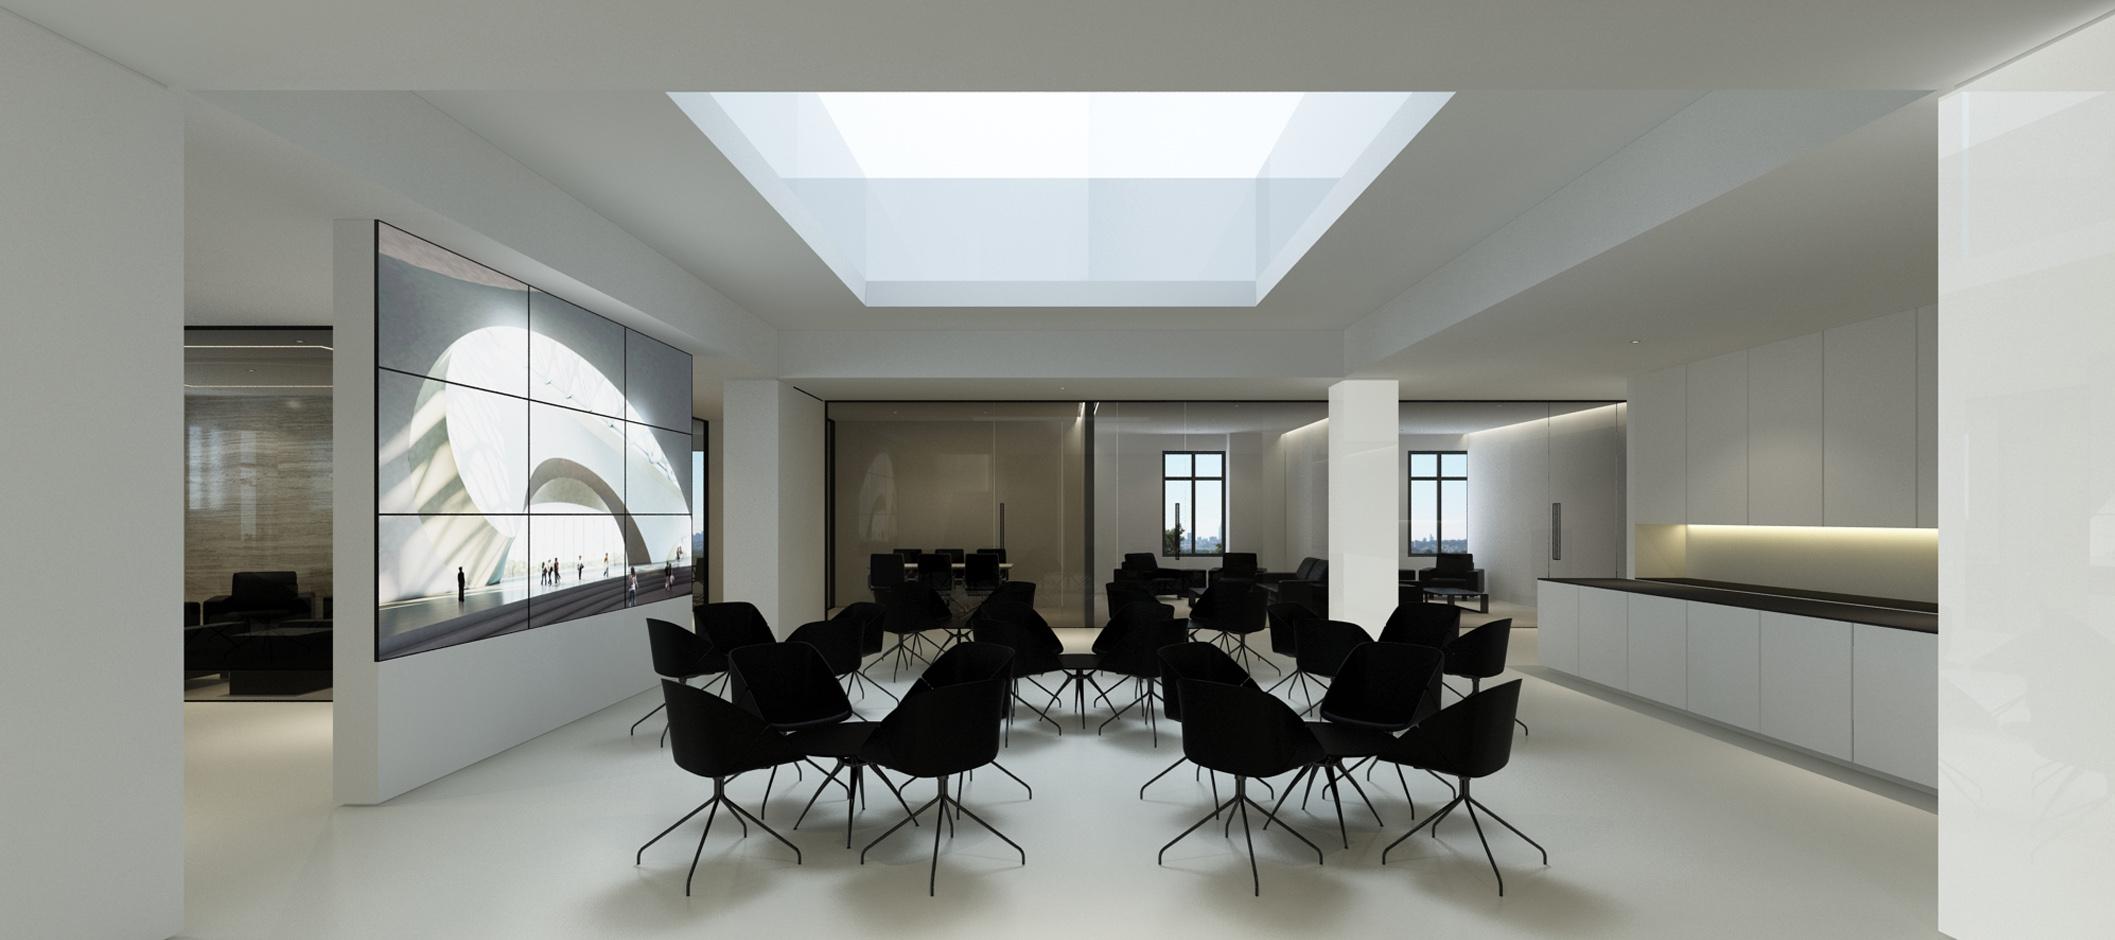 南京办公室装修之律师事务所设计